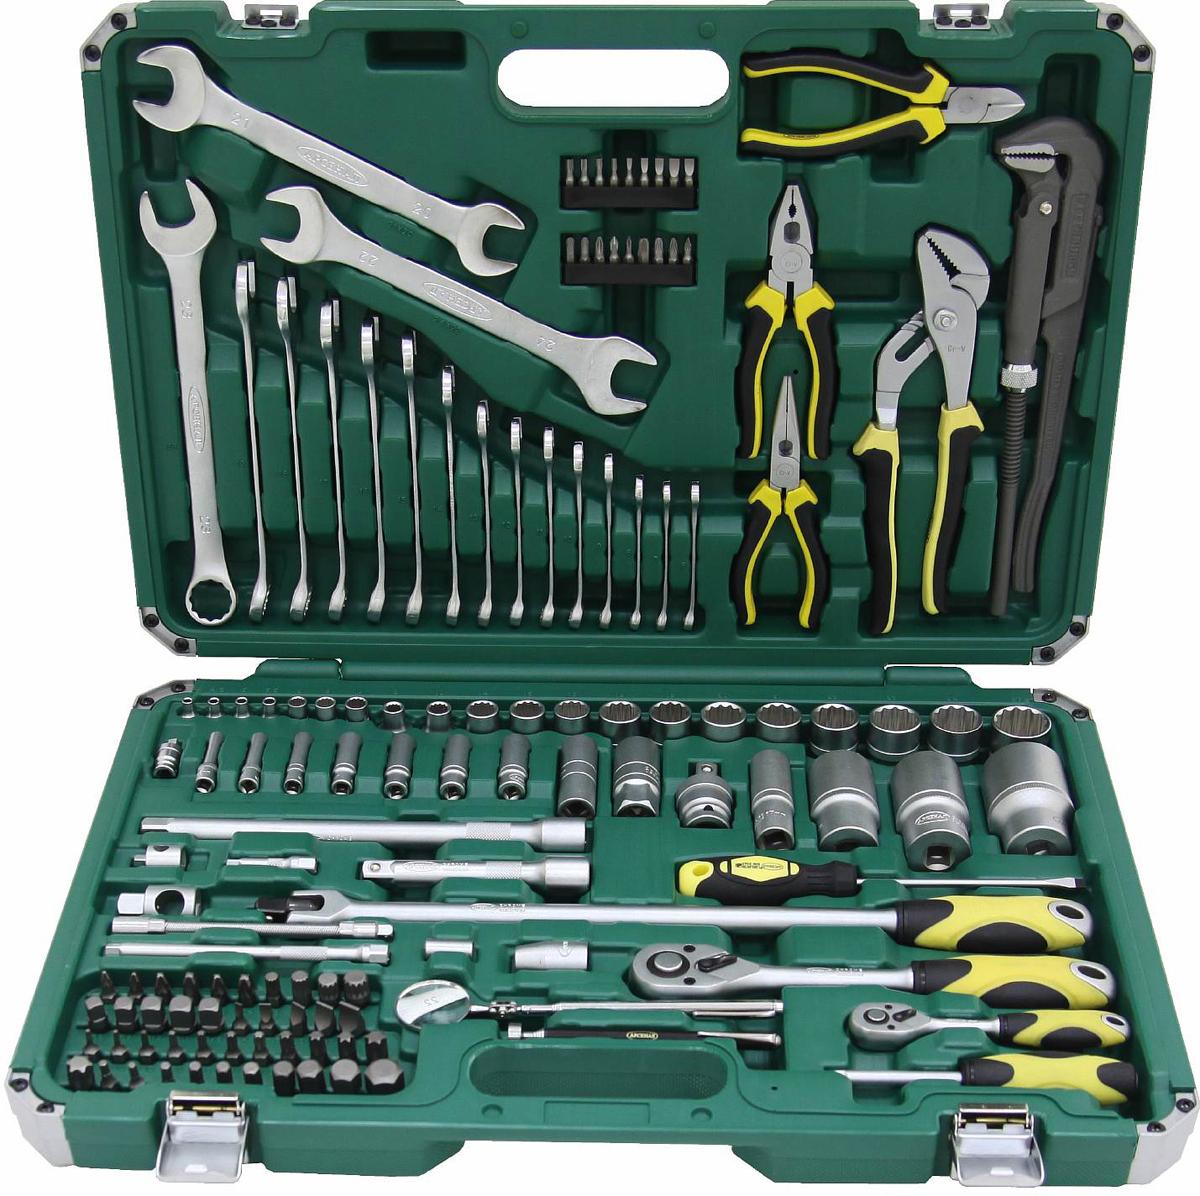 Набор инструментов Арсенал TSM133ABP-WTG, общефункциональный, 133 предмета8086360Набор инструмента Арсенал TSM133ABP-WTG является общефункциональным, используется для ремонта автомобилей и включает в себя 133предмета. Инструменты Арсенал предназначены для профессионального ремонта в автомастерских. Комплектация: Привод 1/4- Двенадцатигранные головки, 7 штук: 4, 4.5, 5, 5.5, 8, 9, 10 мм- Удлиненные двенадцатигранные головки, 7 штук: 6, 7, 8, 10, 11,12, 13 мм- Удлинители: 50 и 150 мм- Отвертка с присоединительным квадратом- Шаровой шарнир- Трещотка с быстрым сбросом,72 зуба- Скользящий переходник 1/4(М)х3/8(F)- Биты: - Шлицевые биты, 5 штук: 3, 4, 5, 6, 7 мм - Биты Phillips, 5 штук: PH.0, PH.1,PH.2, PH.3, PH.4 - Биты Pozidriv, 4 штуки: PZ.1, PZ.2, PZ.3, PZ.4 - Биты Torx, 4 штуки: Т10, Т15, Т20, Т25Привод 1/2- Шестигранныеголовки, 2 штуки: 8, 10 мм- Двенадцатигранные головки, 11 штук: 14, 15, 16, 18, 19, 20, 21, 22, 23, 24, 27 мм- Удлиненныедвенадцатигранные головки, 4 штуки: 17, 30, 32, 36 мм- Магнитные свечные головки, 2 штуки: 16, 21 мм- Шарнирный вороток: 430 мм-Удлинители: 125 и 250 мм- Скользящий переходник 1/2(М) х 3/8(F)- Шаровой шарнир- Трещотка с быстрым сбросом, 72 зуба Прочее:- Биты 5/16 - Шлицевые биты, 5 штук: 8, 10, 12 мм - Биты Phillips, 4 штуки: 8, 10, 12 мм - Биты Pozidriv, 2 штуки: 8, 10, 12 мм- Биты Hex, 11 штук: 3, 4, 5, 6, 7, 8, 10, 12, 14, 17 мм - Биты Torx, 12 штук: Т8, Т10, Т15, Т20, Т25, Т27, Т30, Т40, Т45, Т50, Т55, Т60 -Биты Spline, 4 штуки: М8, М10, М12, М14 - Четырехгранные биты 3/8, 4 штуки: 8, 9, 10, 11 мм- Адаптер для бит 5/16 на 1/2- Адаптердля бит 1/4 на 1/4- Клещи переставные (гебельсы): 9 (225 мм)- Пассатижи: 6 (150 мм)- Длинногубцы: 6 (150 мм)- Бокорезы: 6(150 мм)- Разводной газовый ключ: 12 (300 мм)- Инспекционное зеркало- Магнит с телескопической ручкой- Комбинированныеключи, 15 штук: 6, 7, 8, 9, 10, 11, 12, 13, 14, 15, 16, 17, 18, 19, 23 мм- Рожковые ключи, 2 штуки: 20 х 21, 22 х 24 мм.